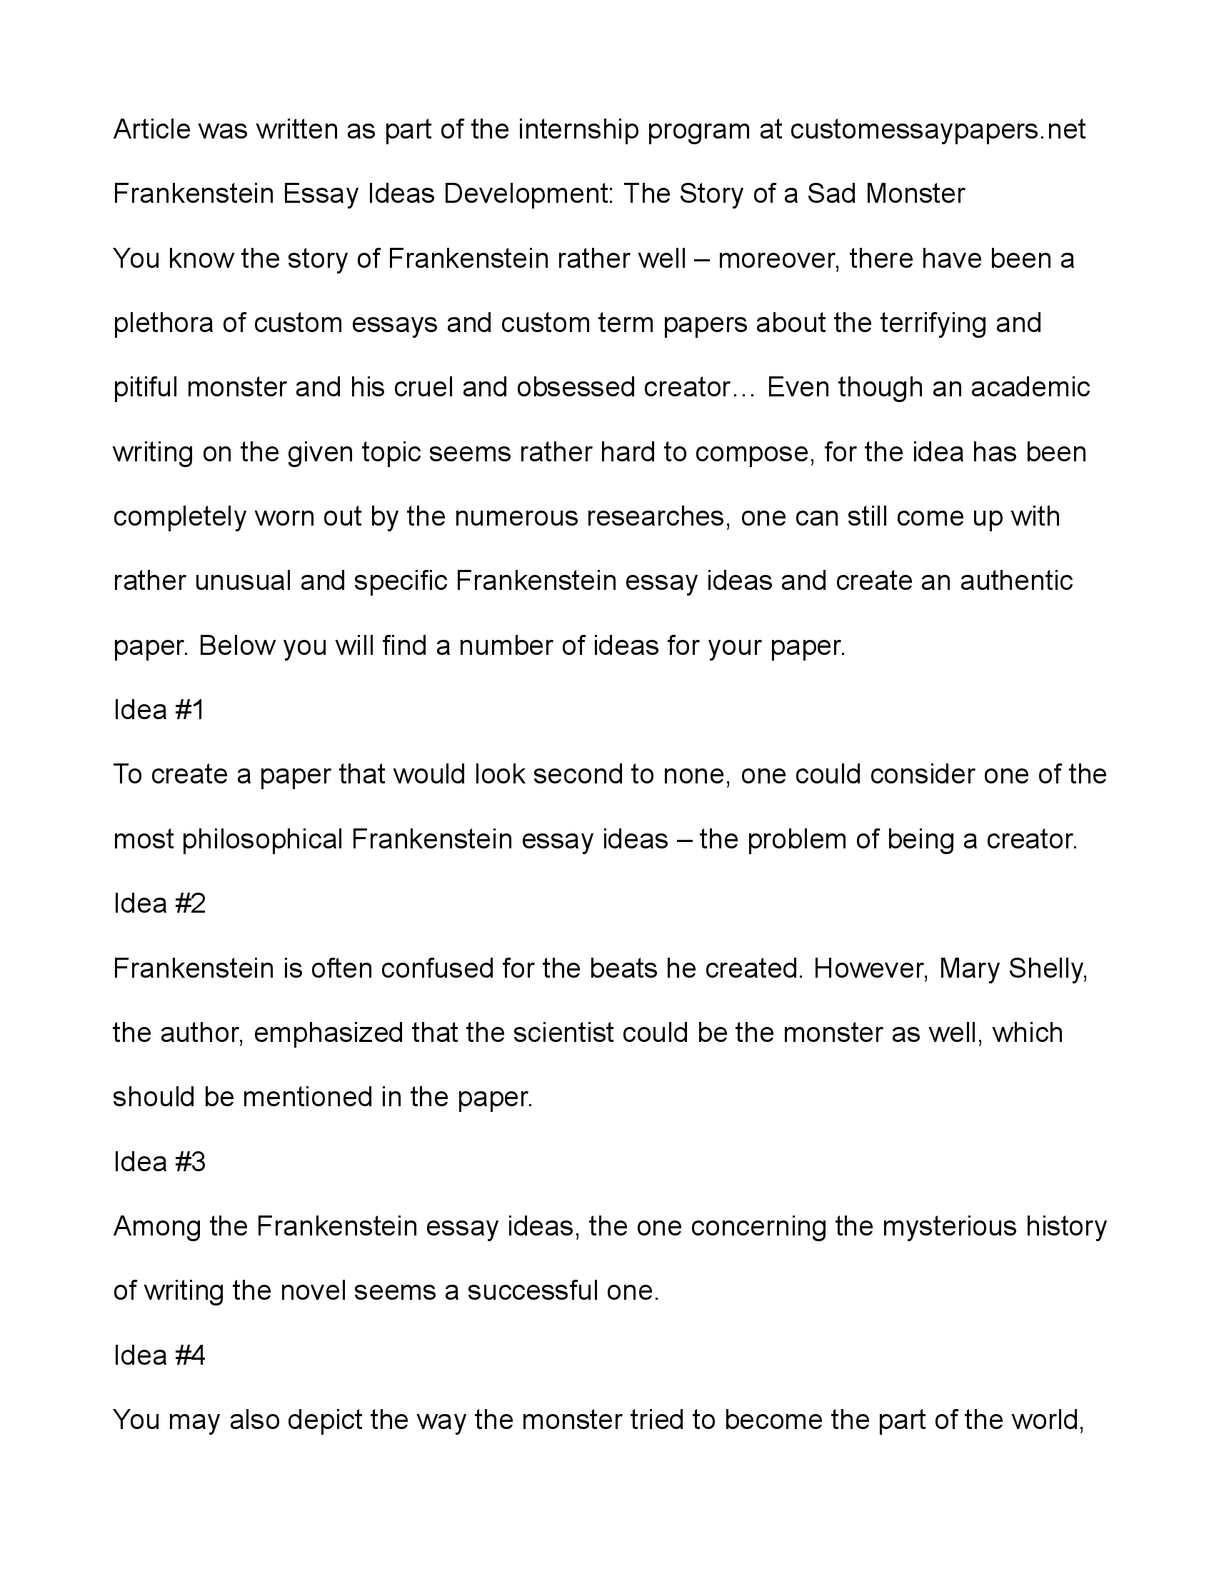 Diane andrews essay